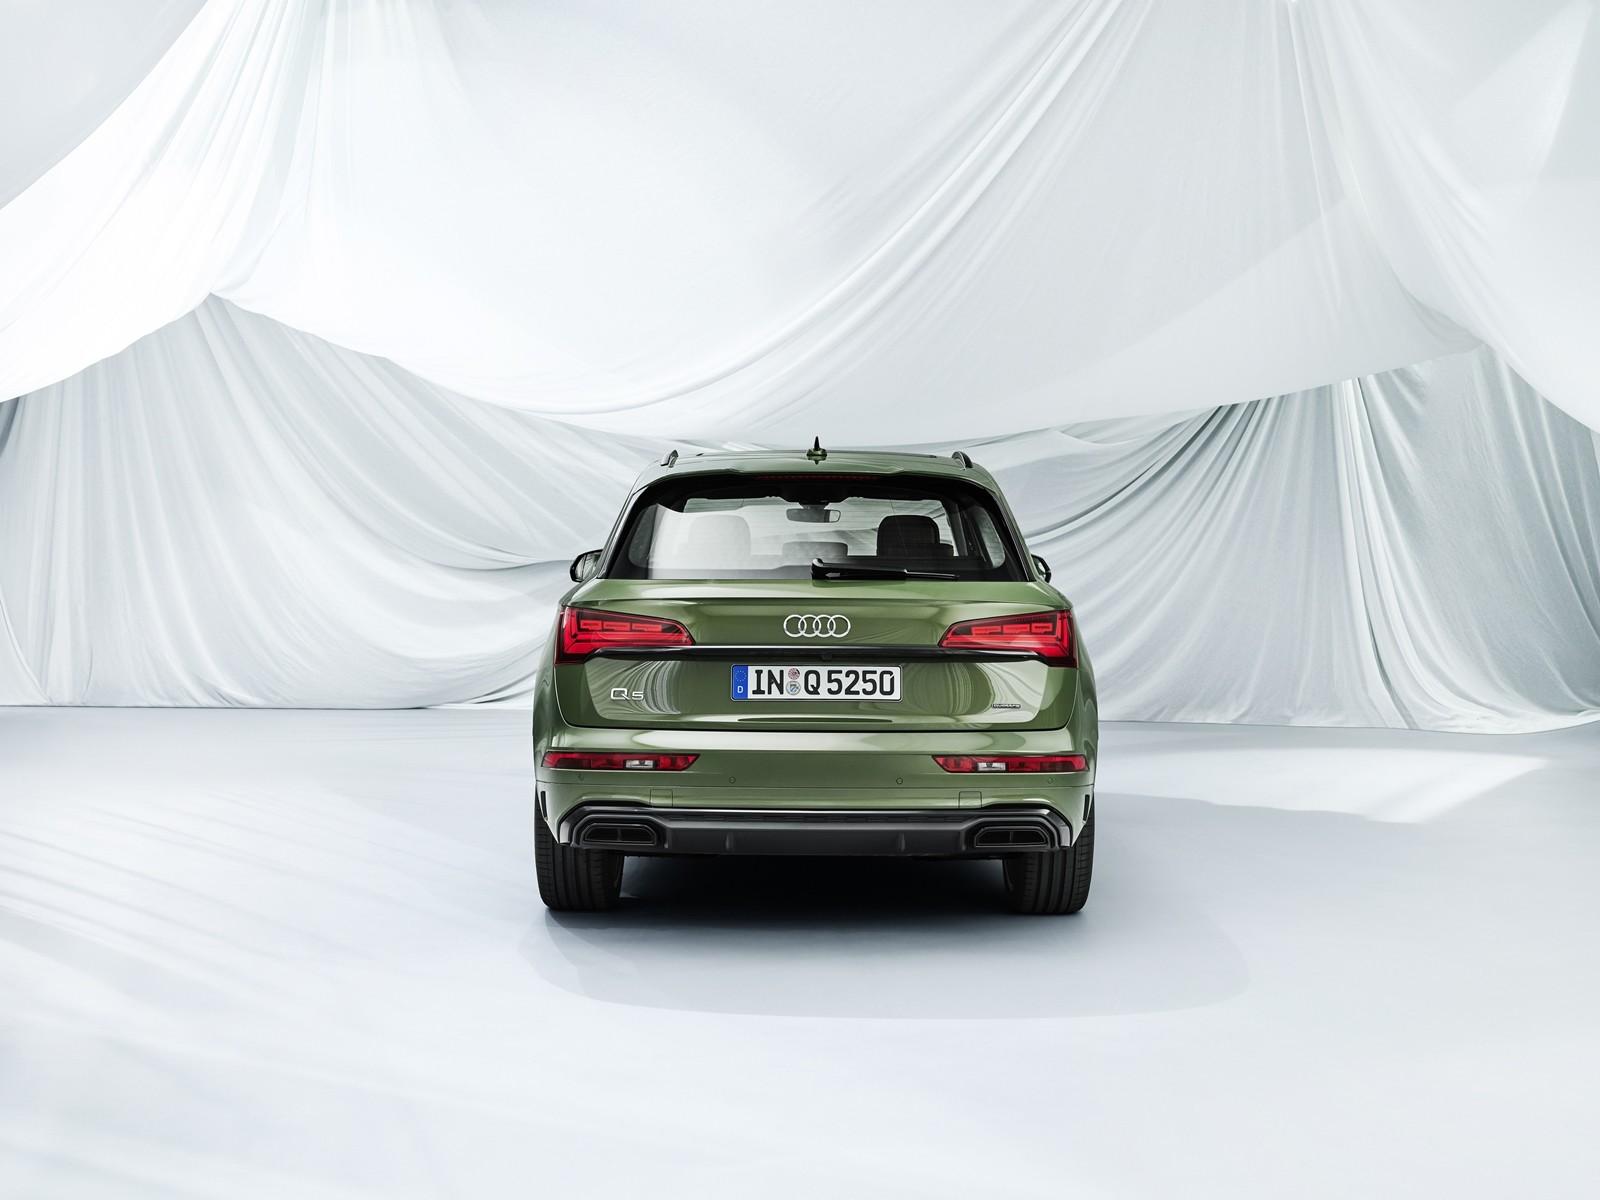 Foto de Audi Q5 2020 (8/61)